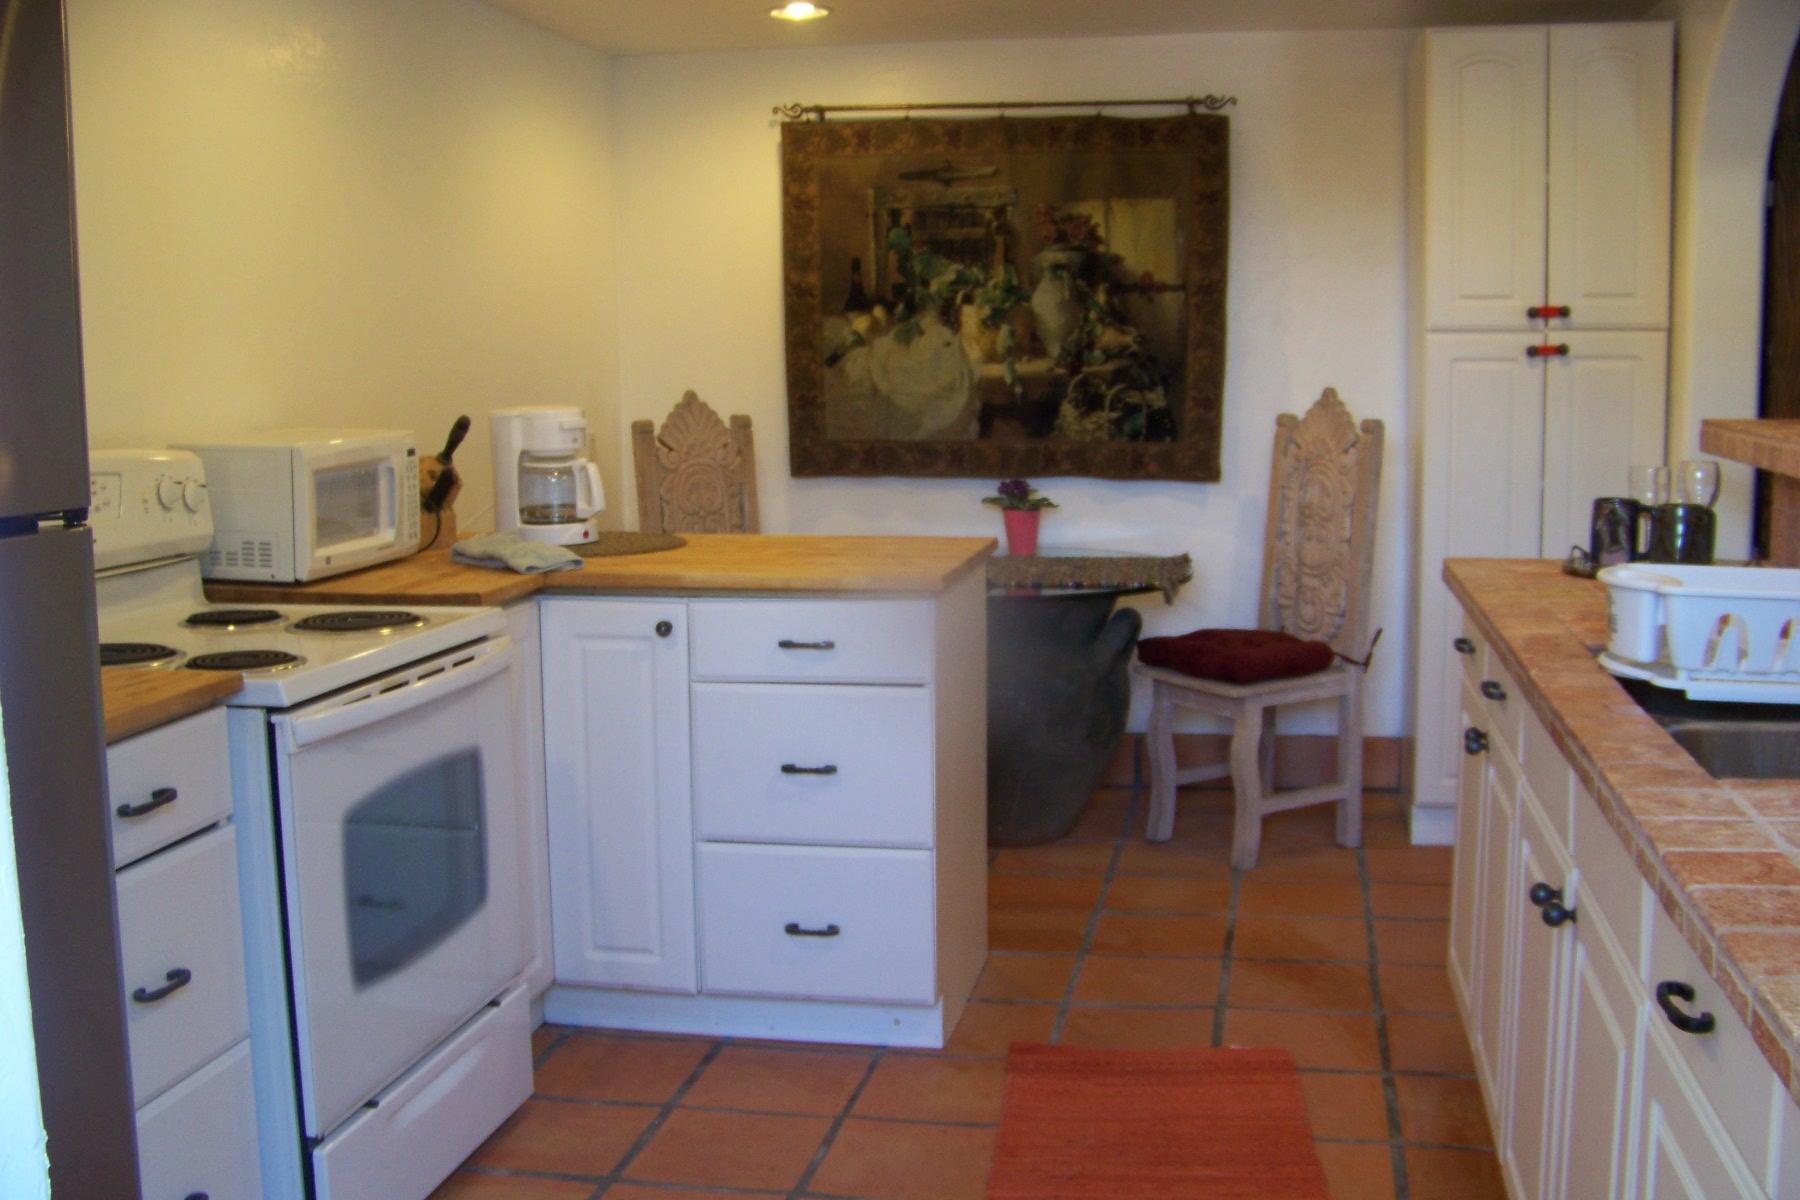 Bobzio Com A San Diego California Home Rentals Home Swap